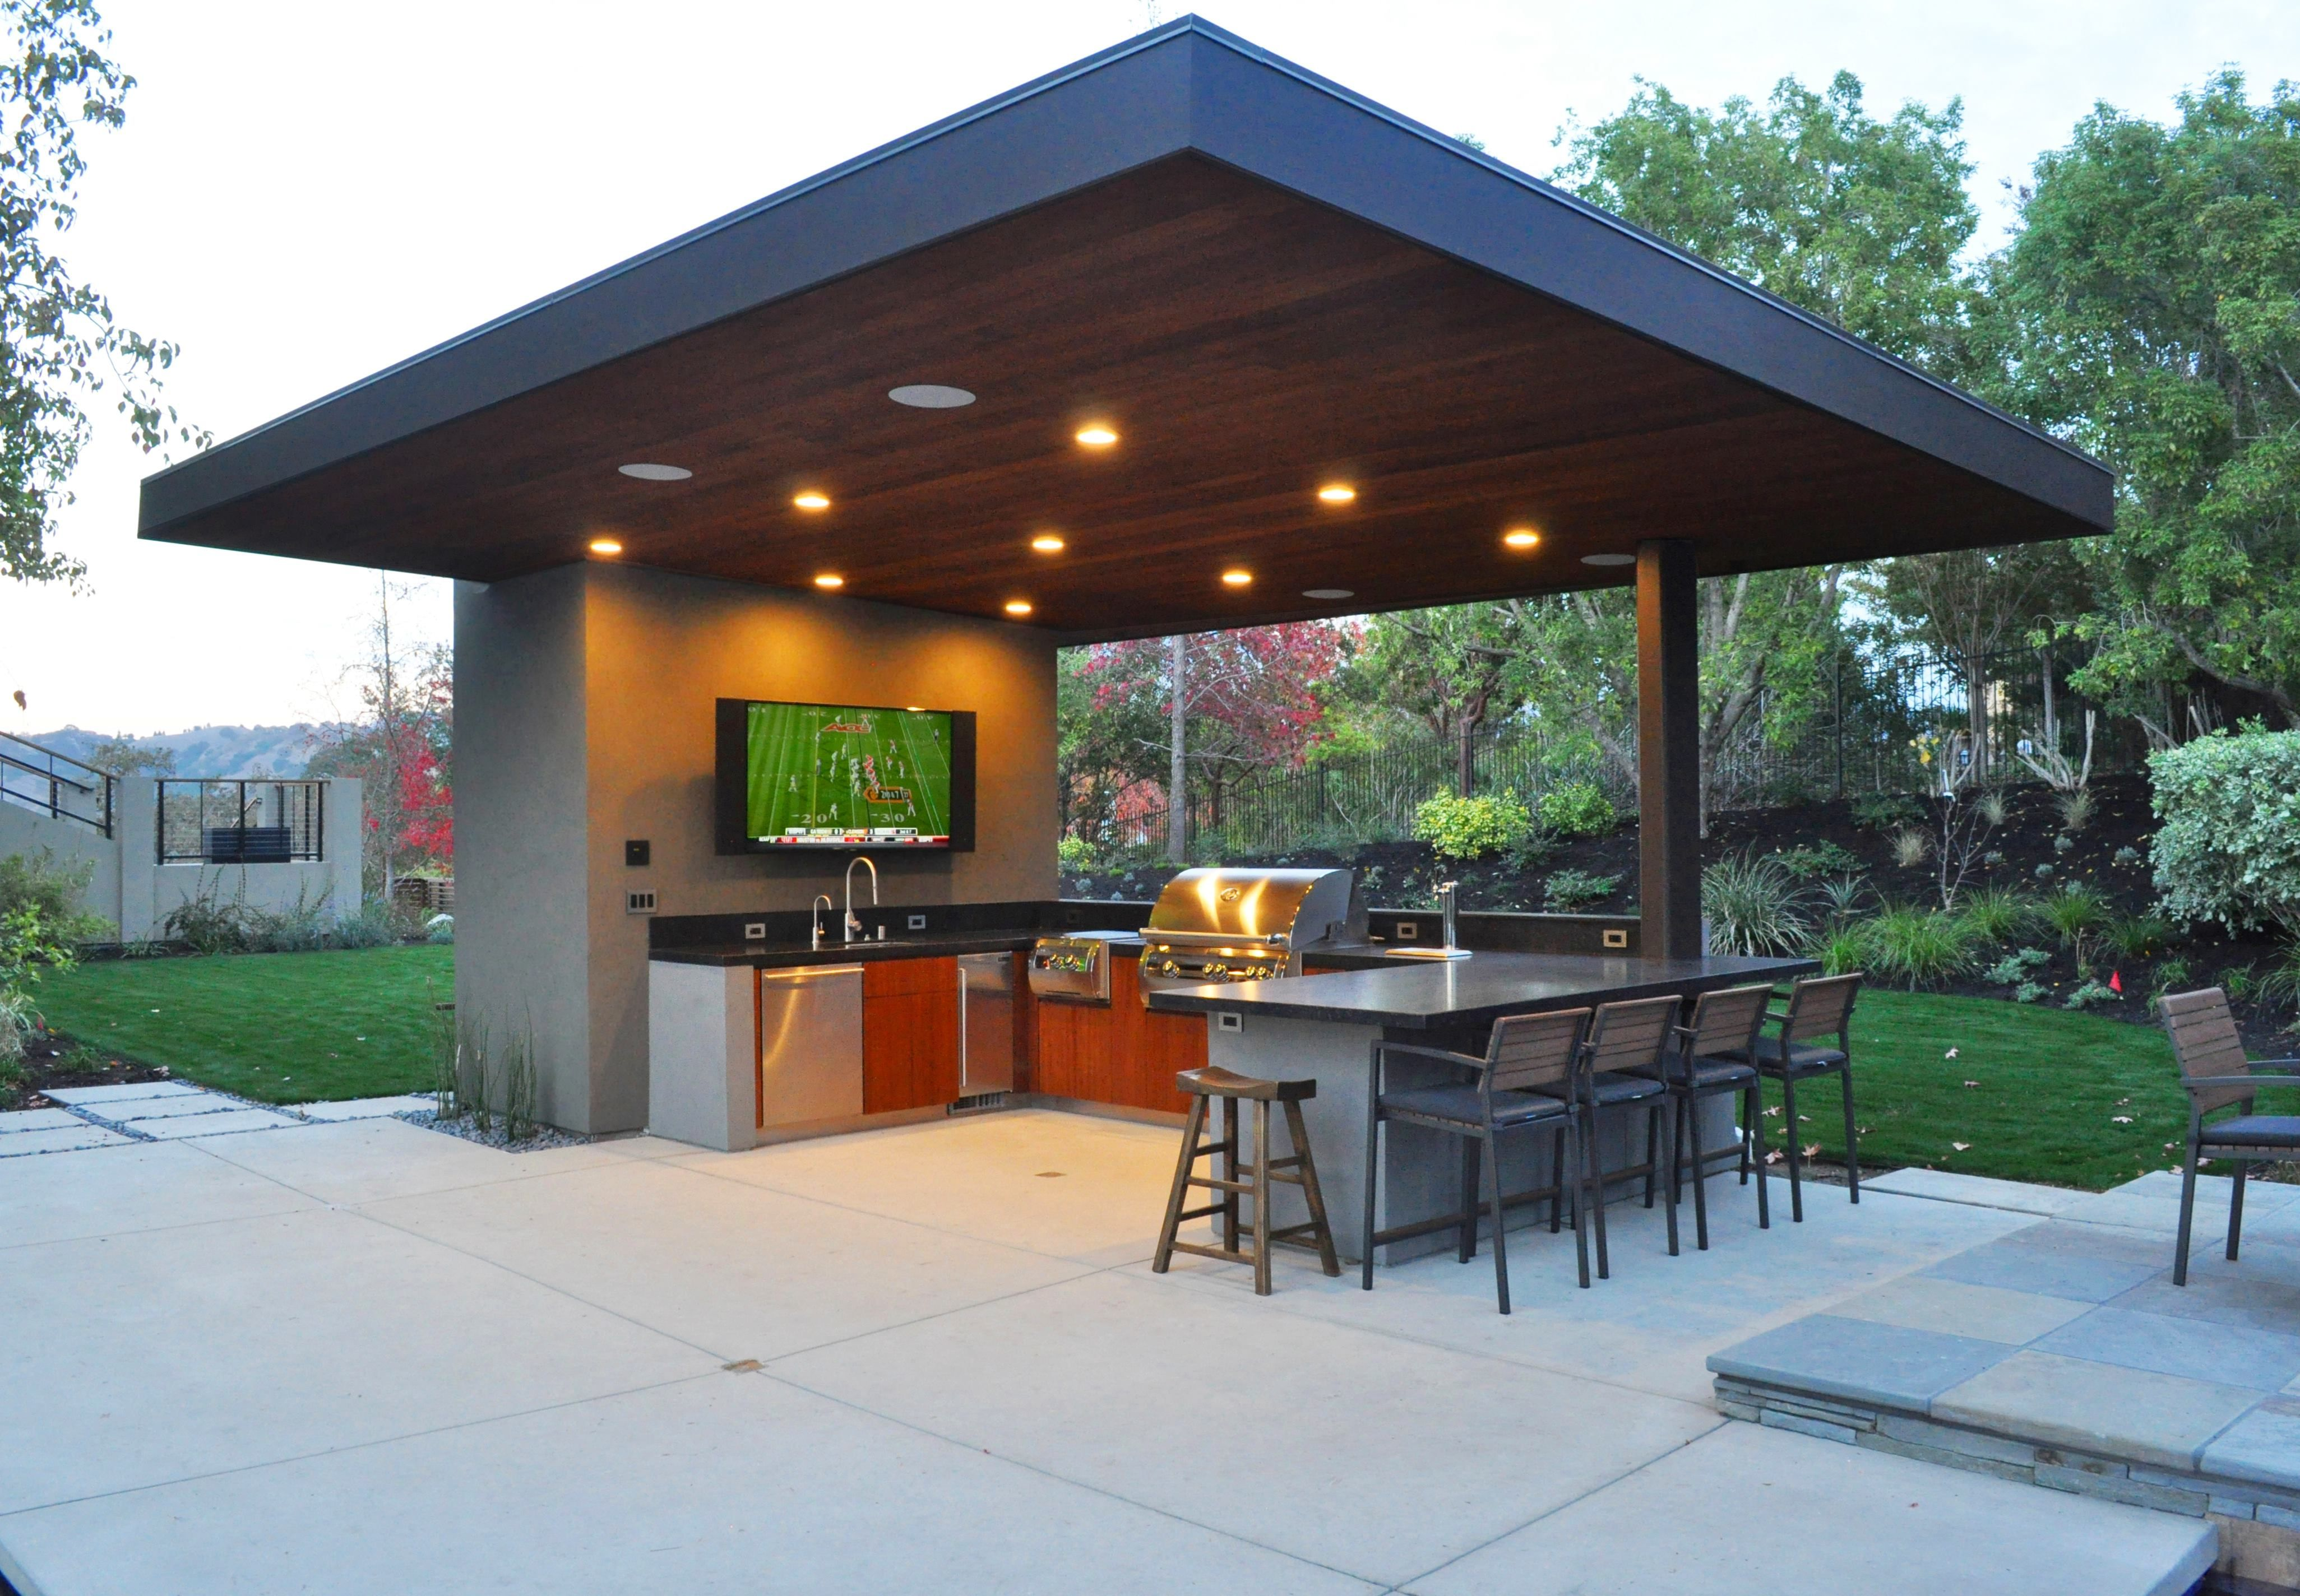 10 Outdoor Kitchen Designs We Love Outdoor kitchen